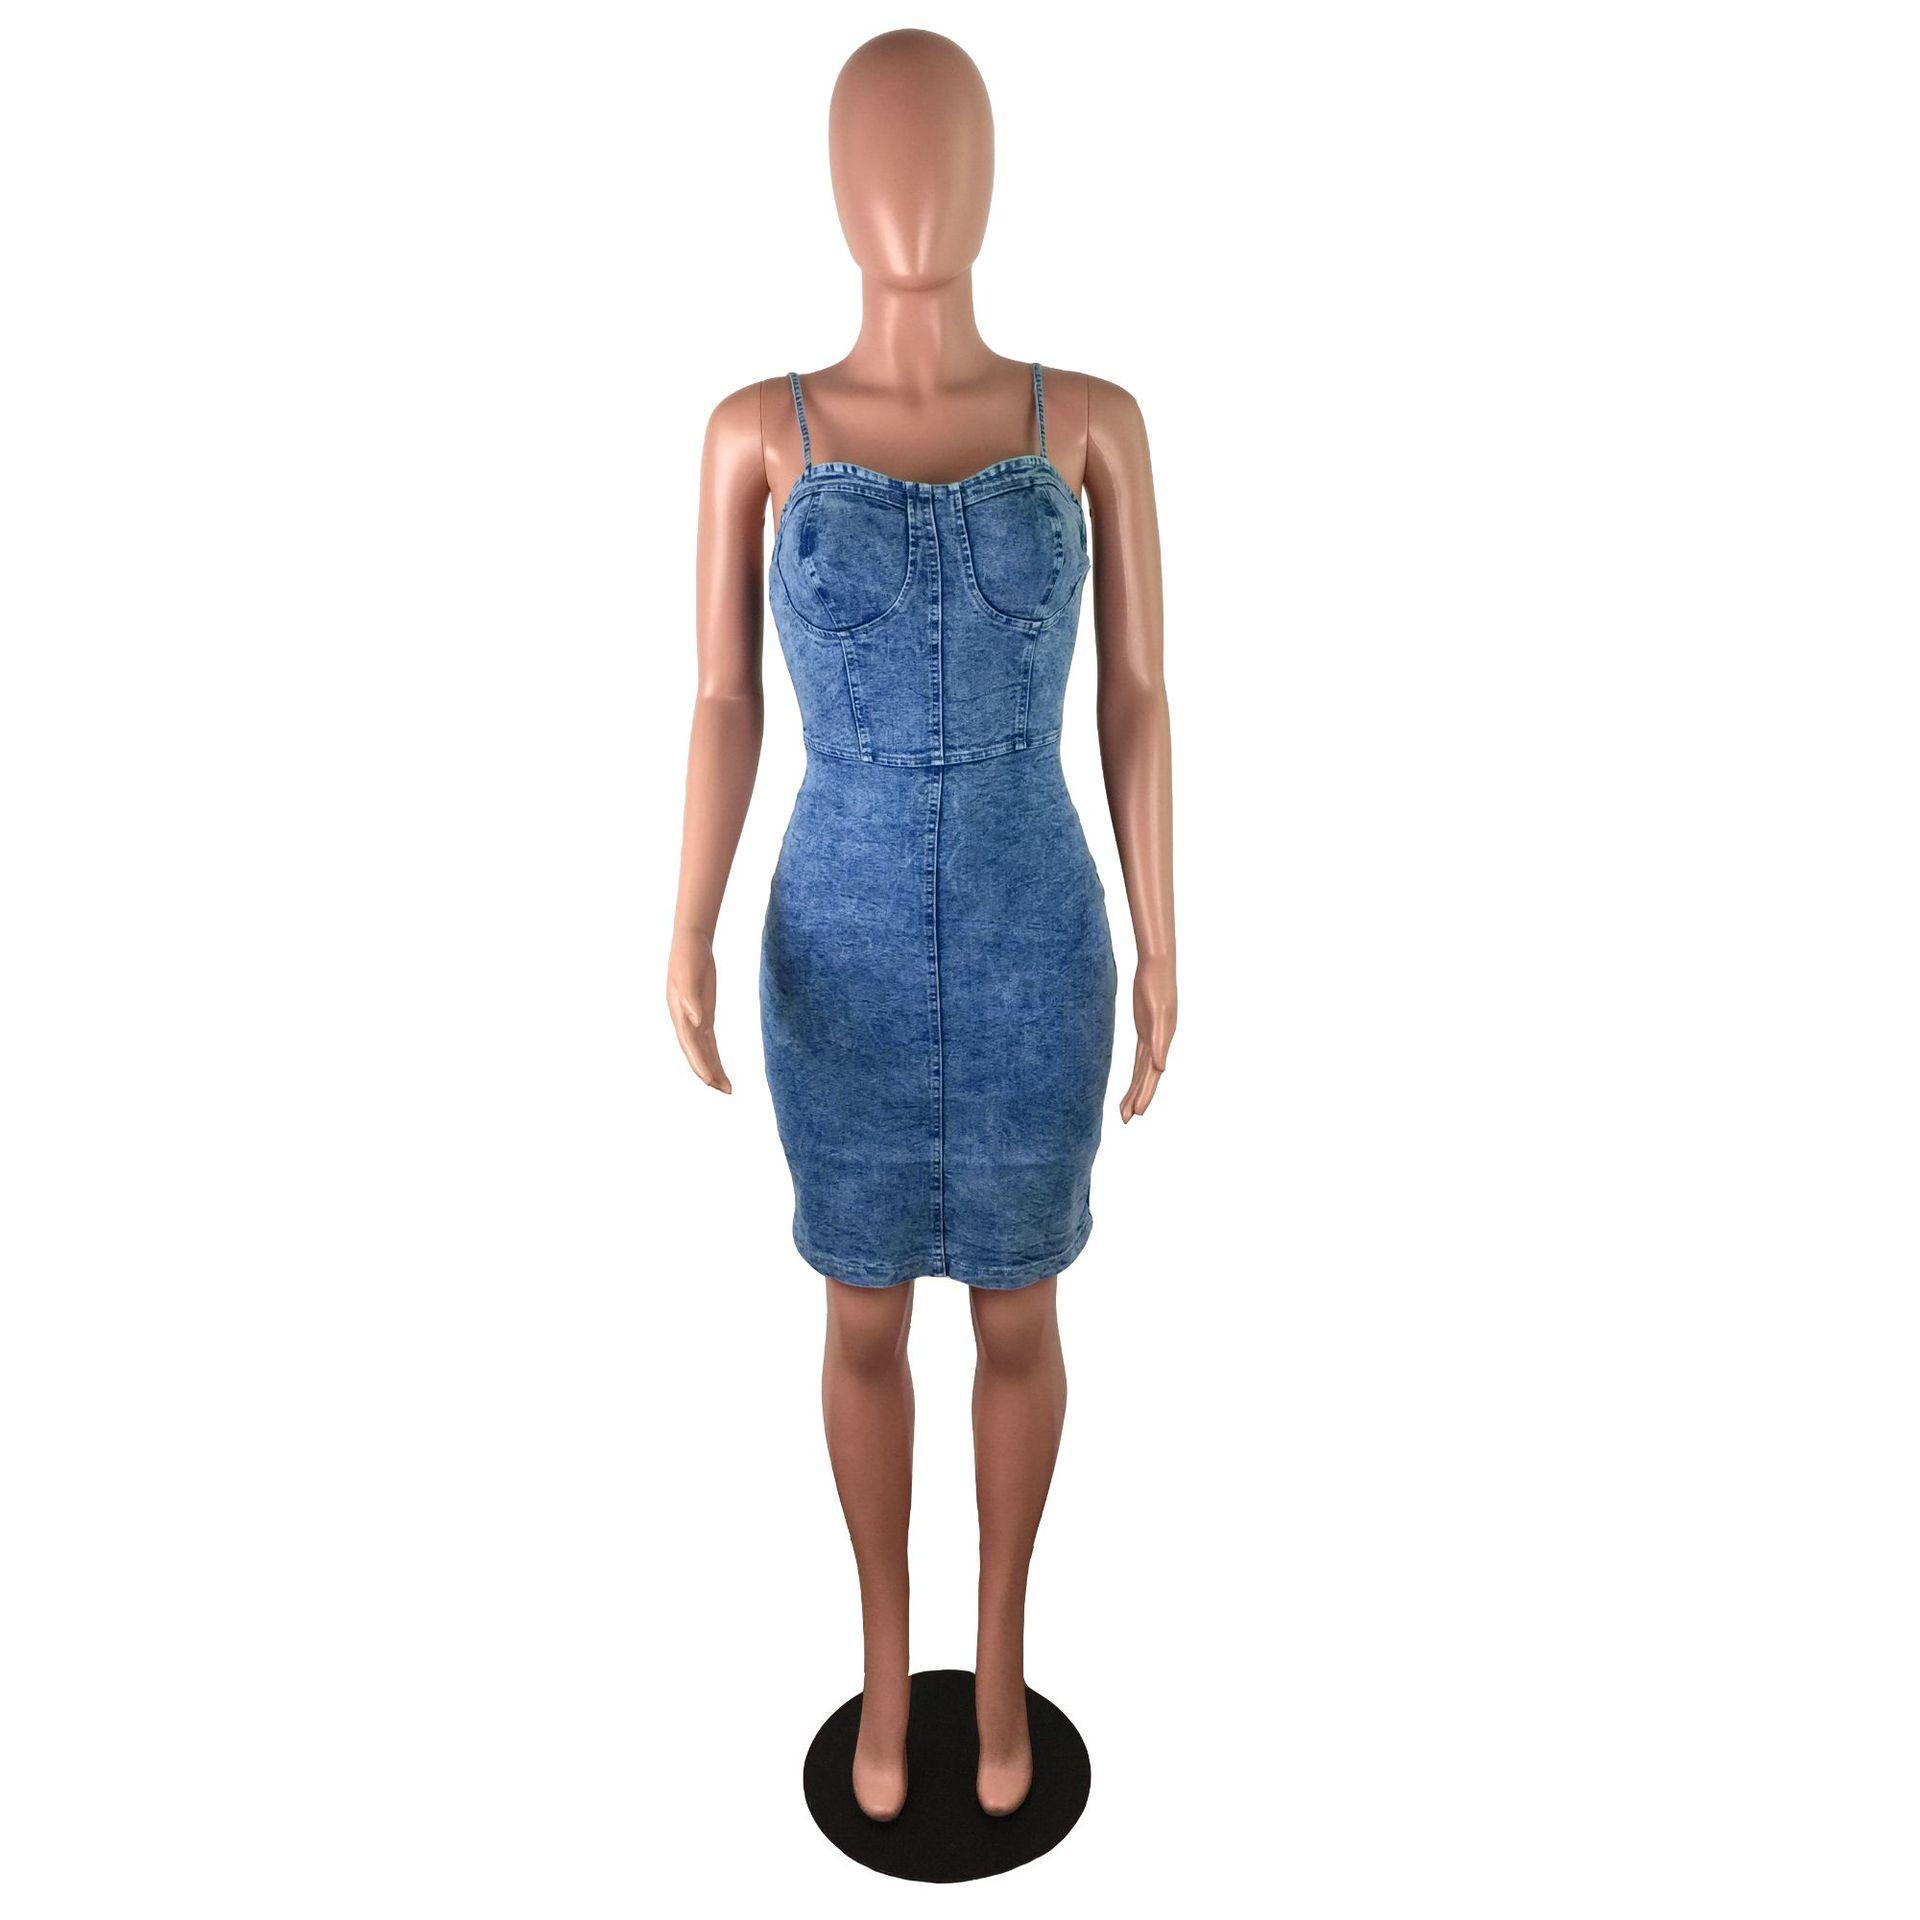 Женщин Sexy сплошной цвет платья вскользь Джинсовая юбка Спагетти ремень Дамы Base Одежда Мода без рукавов Одежда